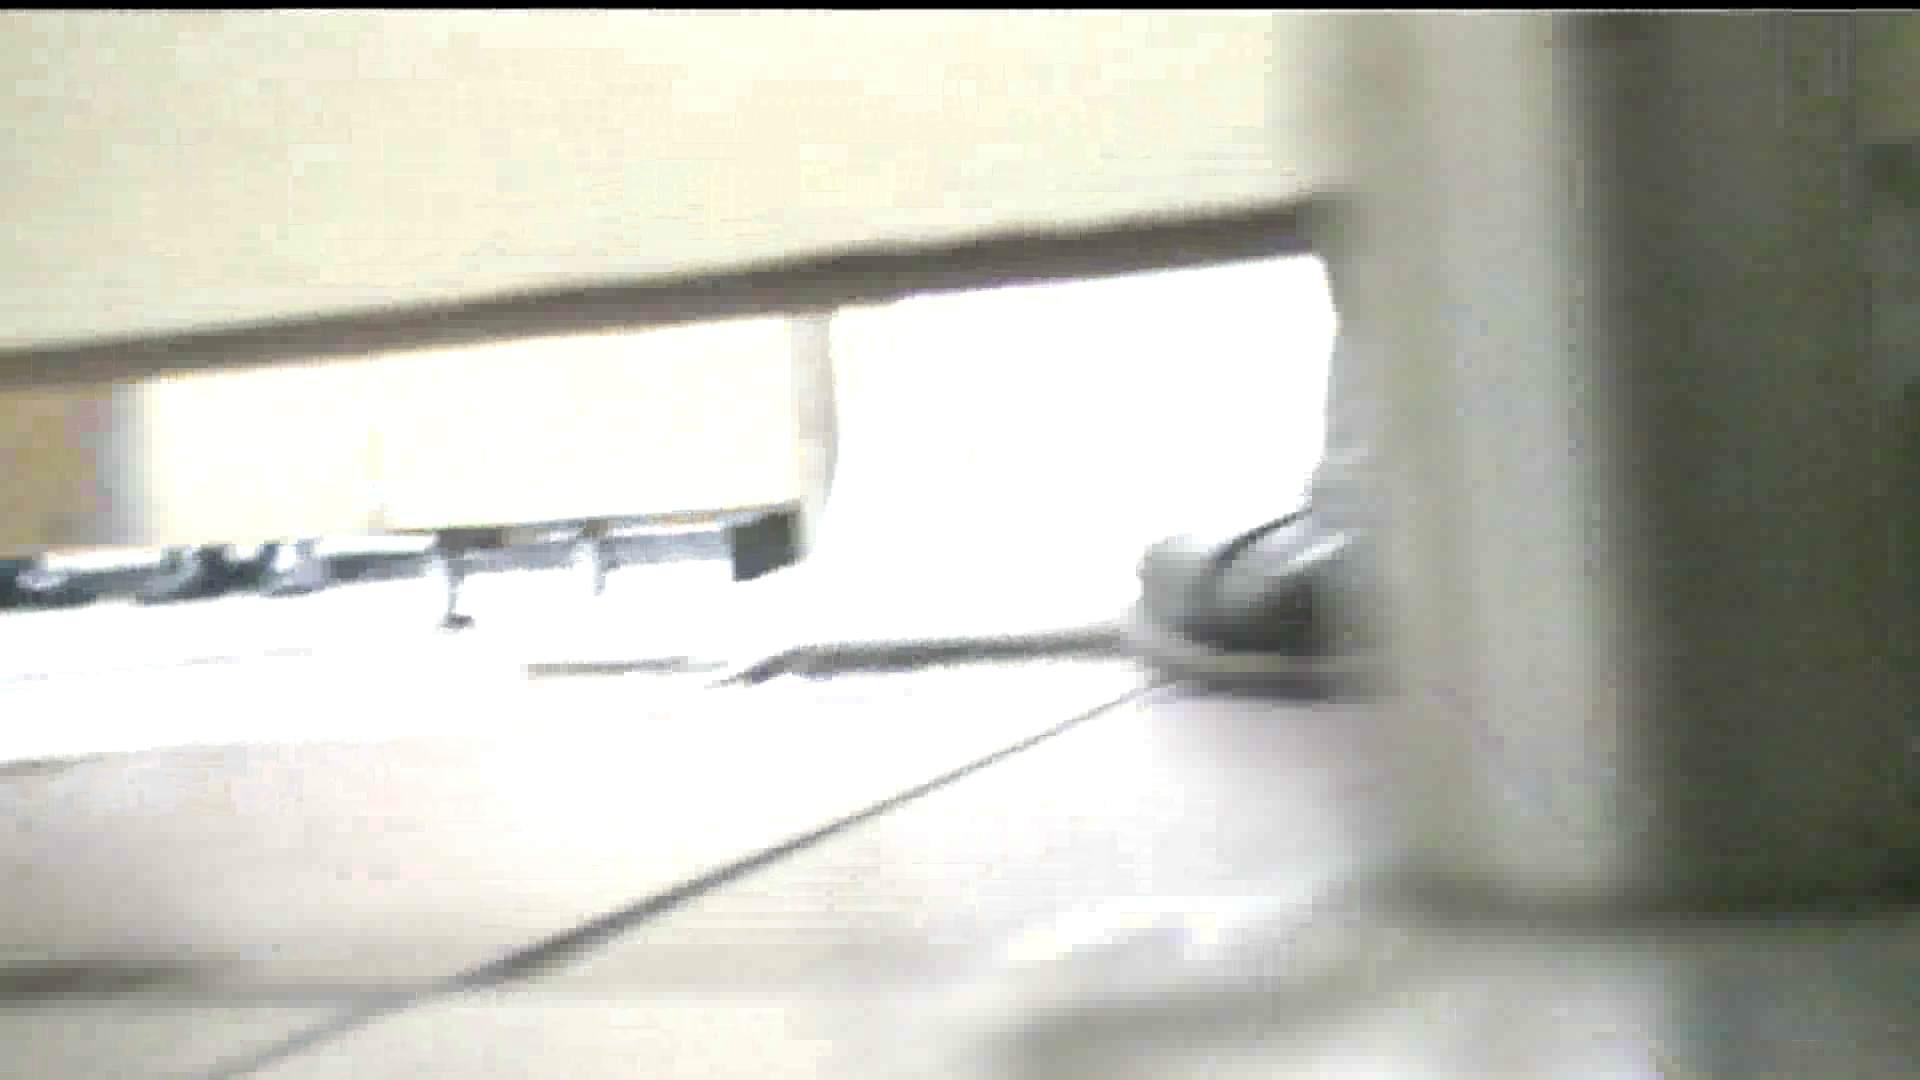 マンコ丸見え女子洗面所Vol.47 おまんこ おまんこ動画流出 109PIX 16